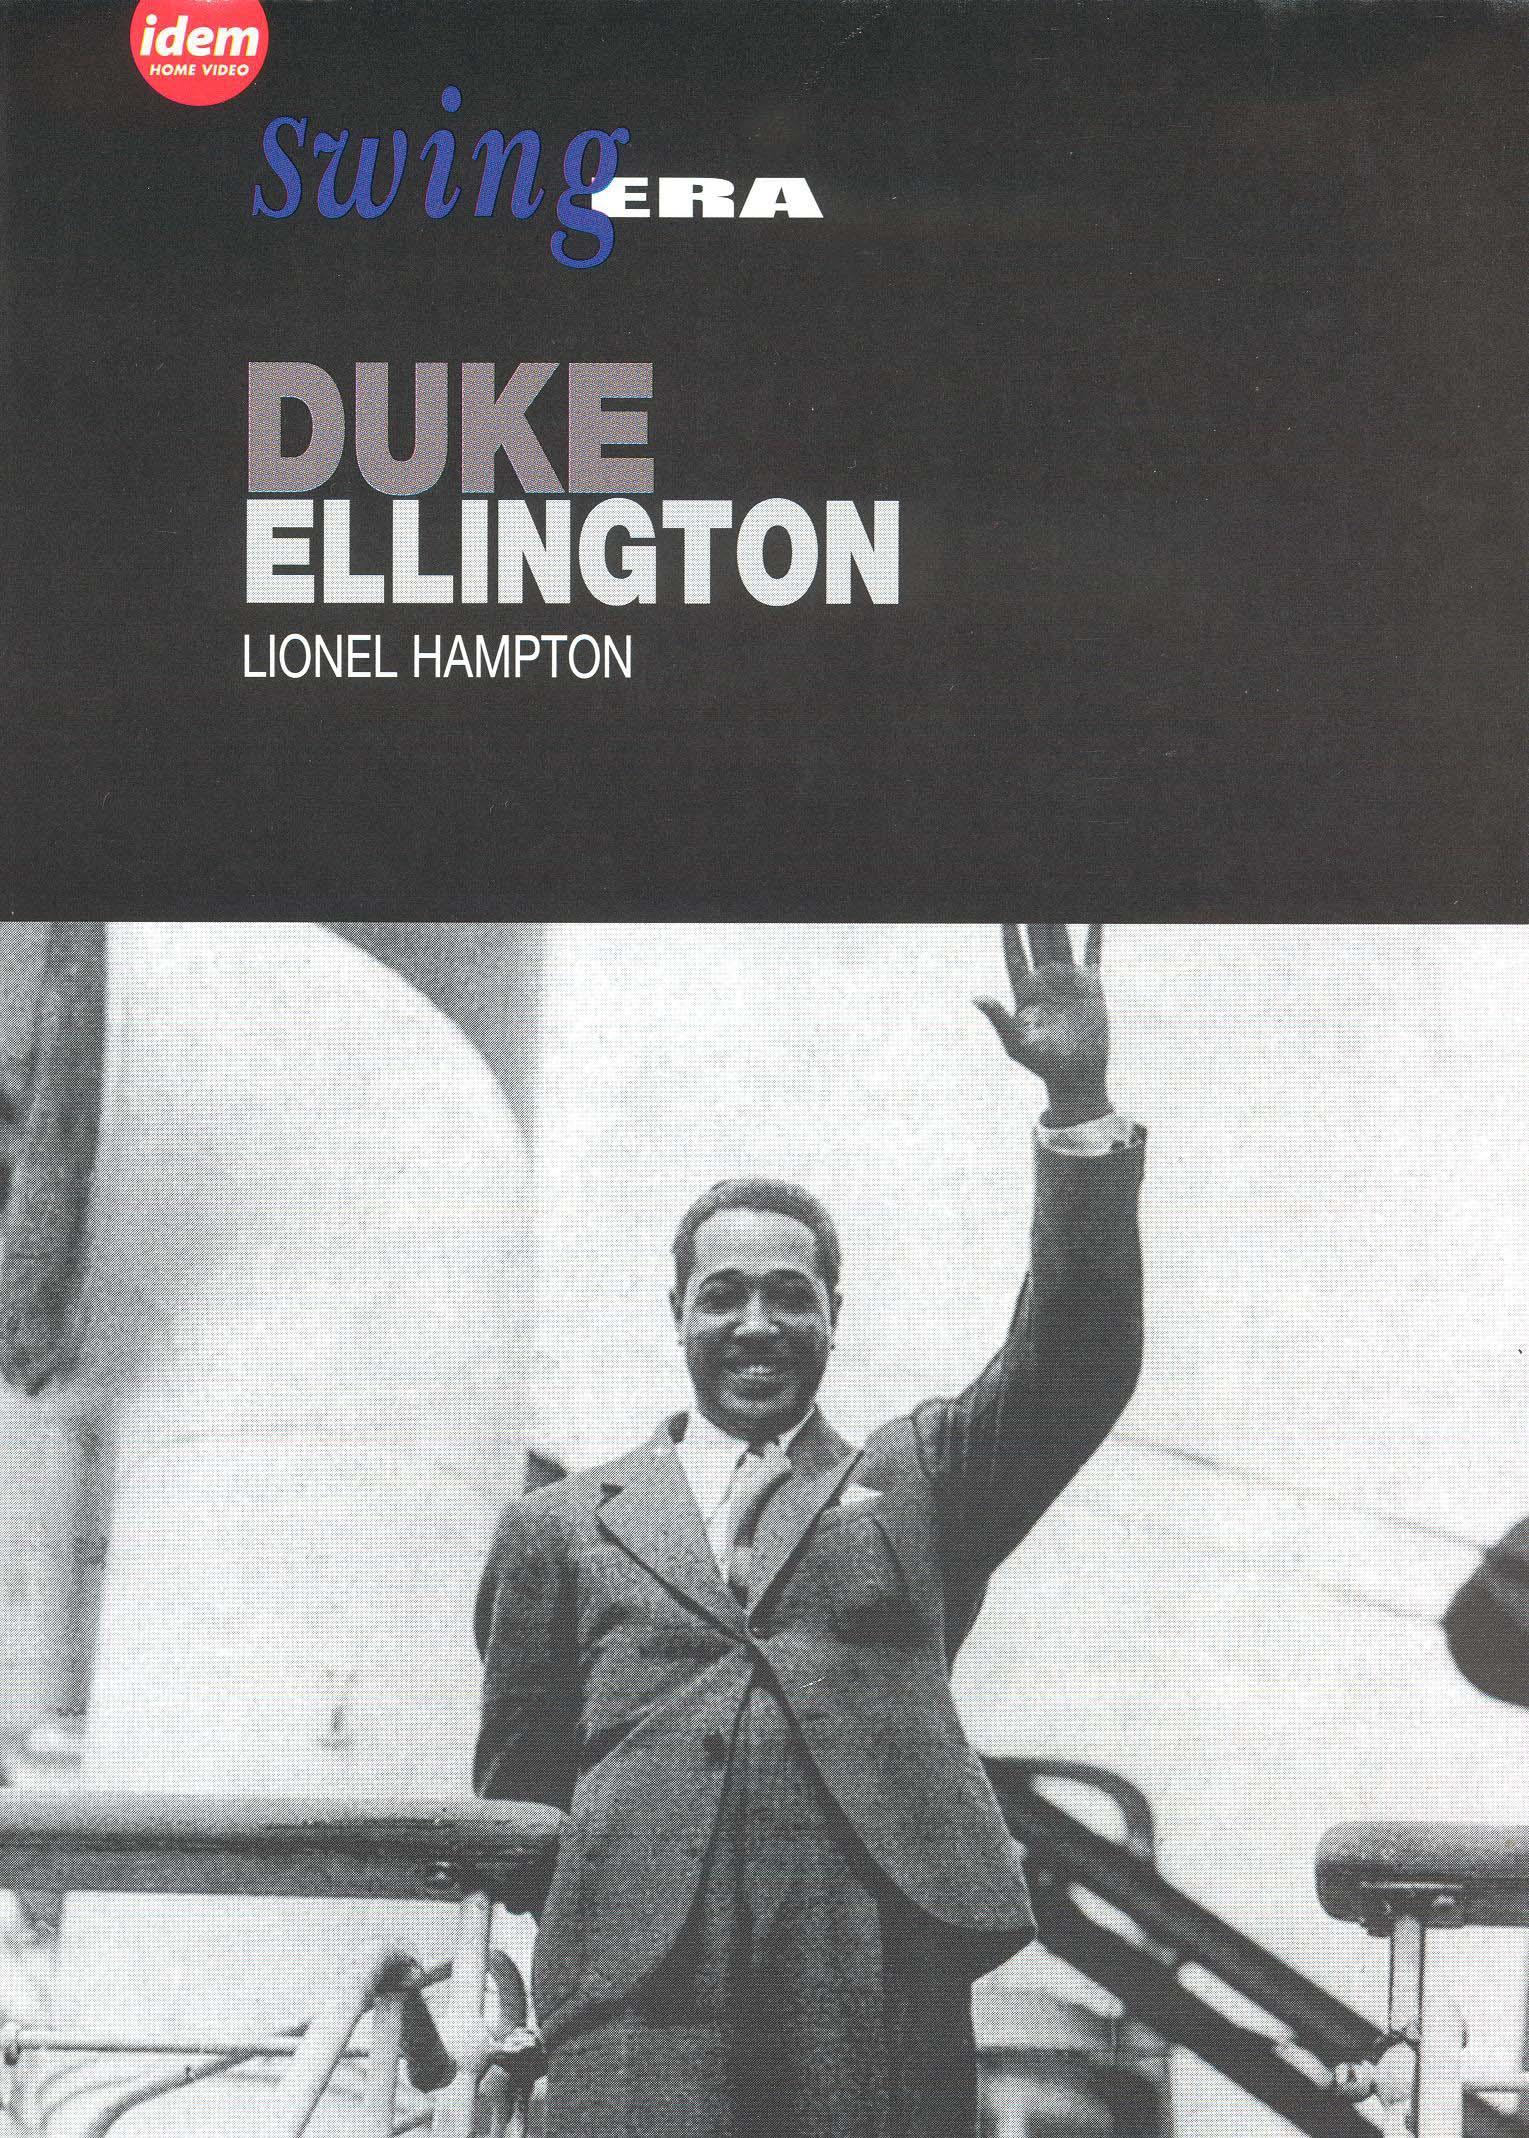 Swing Era: Duke Ellington/Lionel Hampton